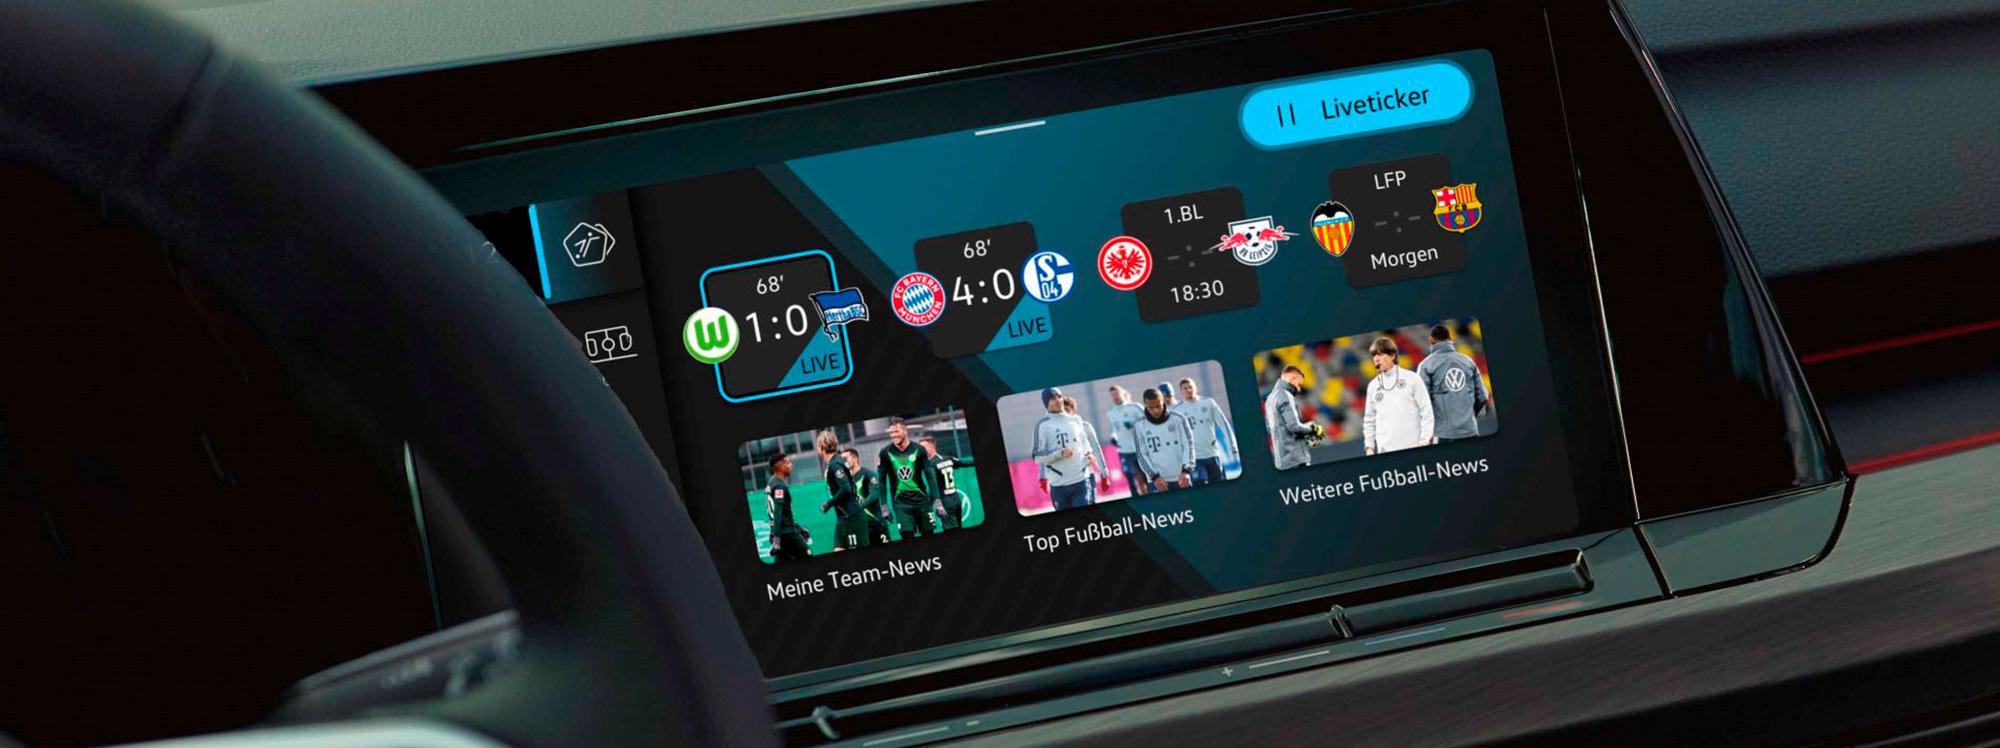 We Score, la nueva aplicación de Volkswagen para amantes del fútbol